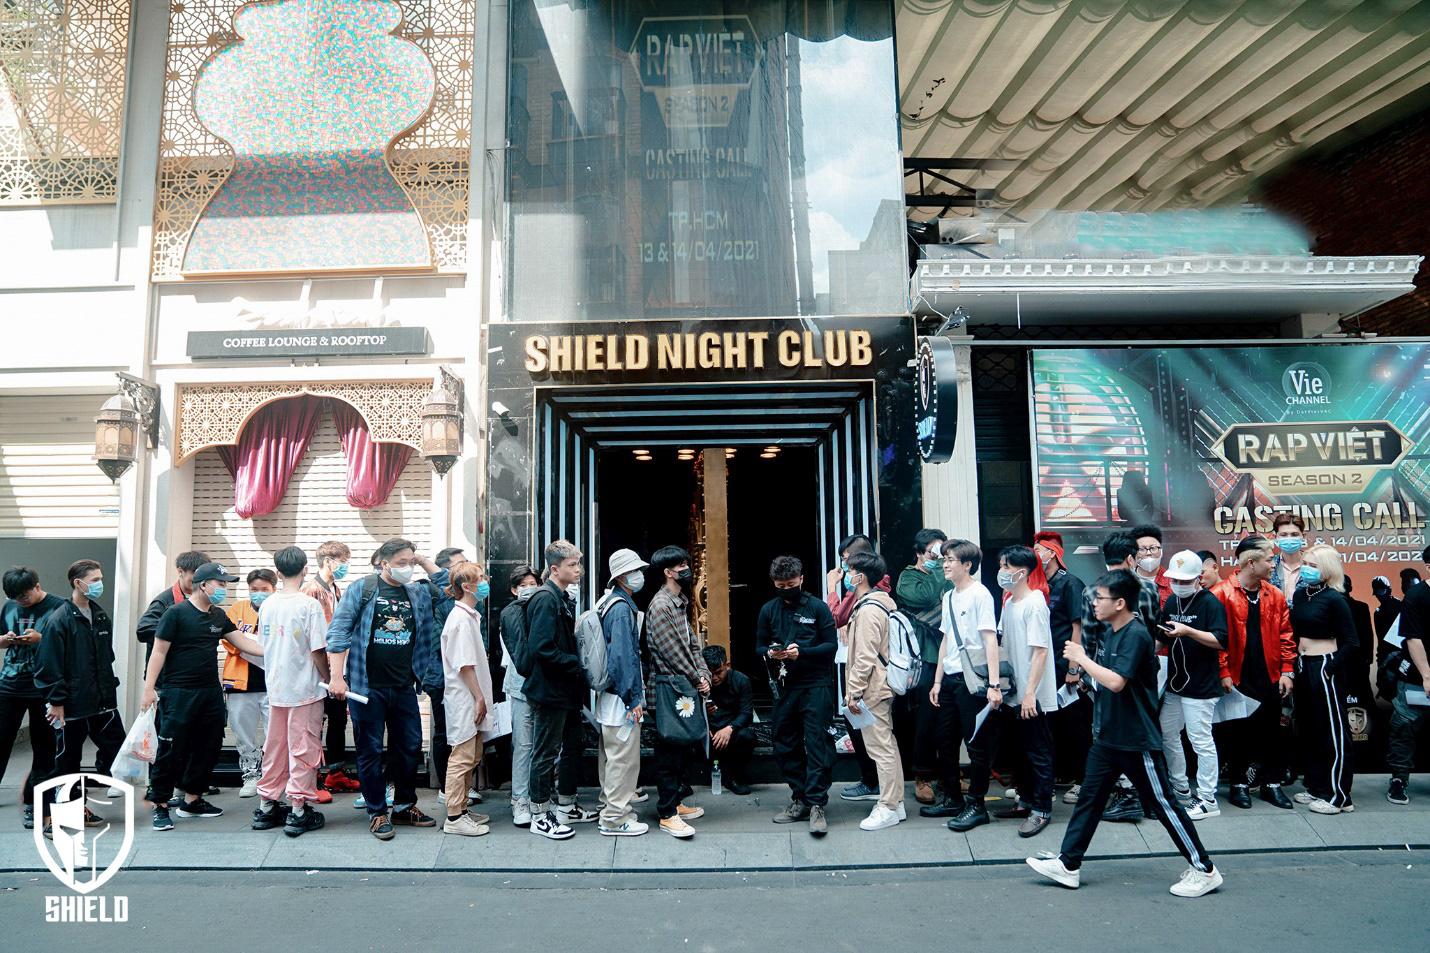 Fan xuýt xoa khi Rap Việt chịu chi, dựng sân khấu đầu tư tại Shield Saigon - Ảnh 1.